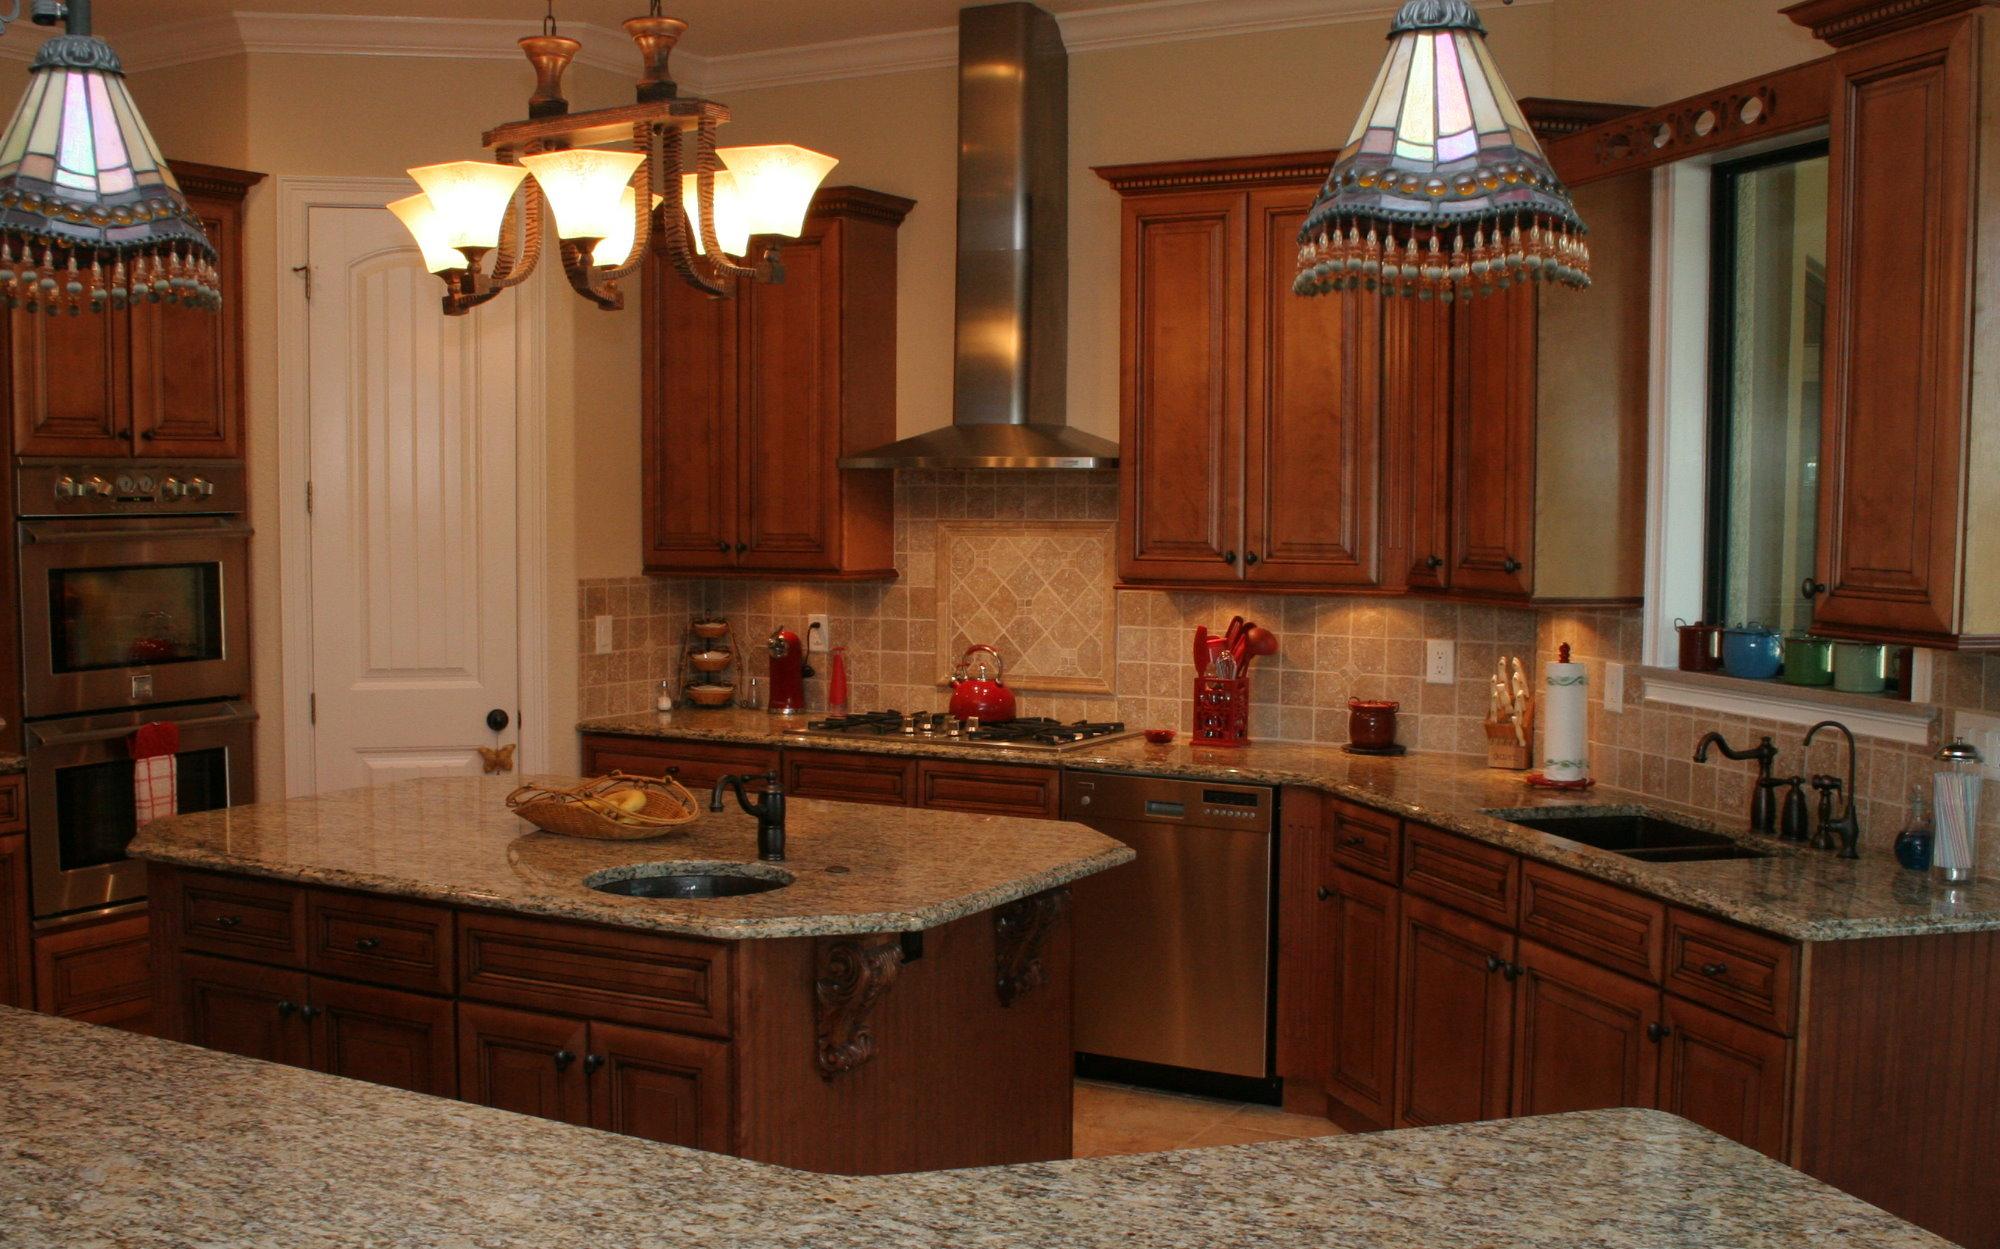 Astonishing Modern Style Wooden Italian Kitchen Design Ideas